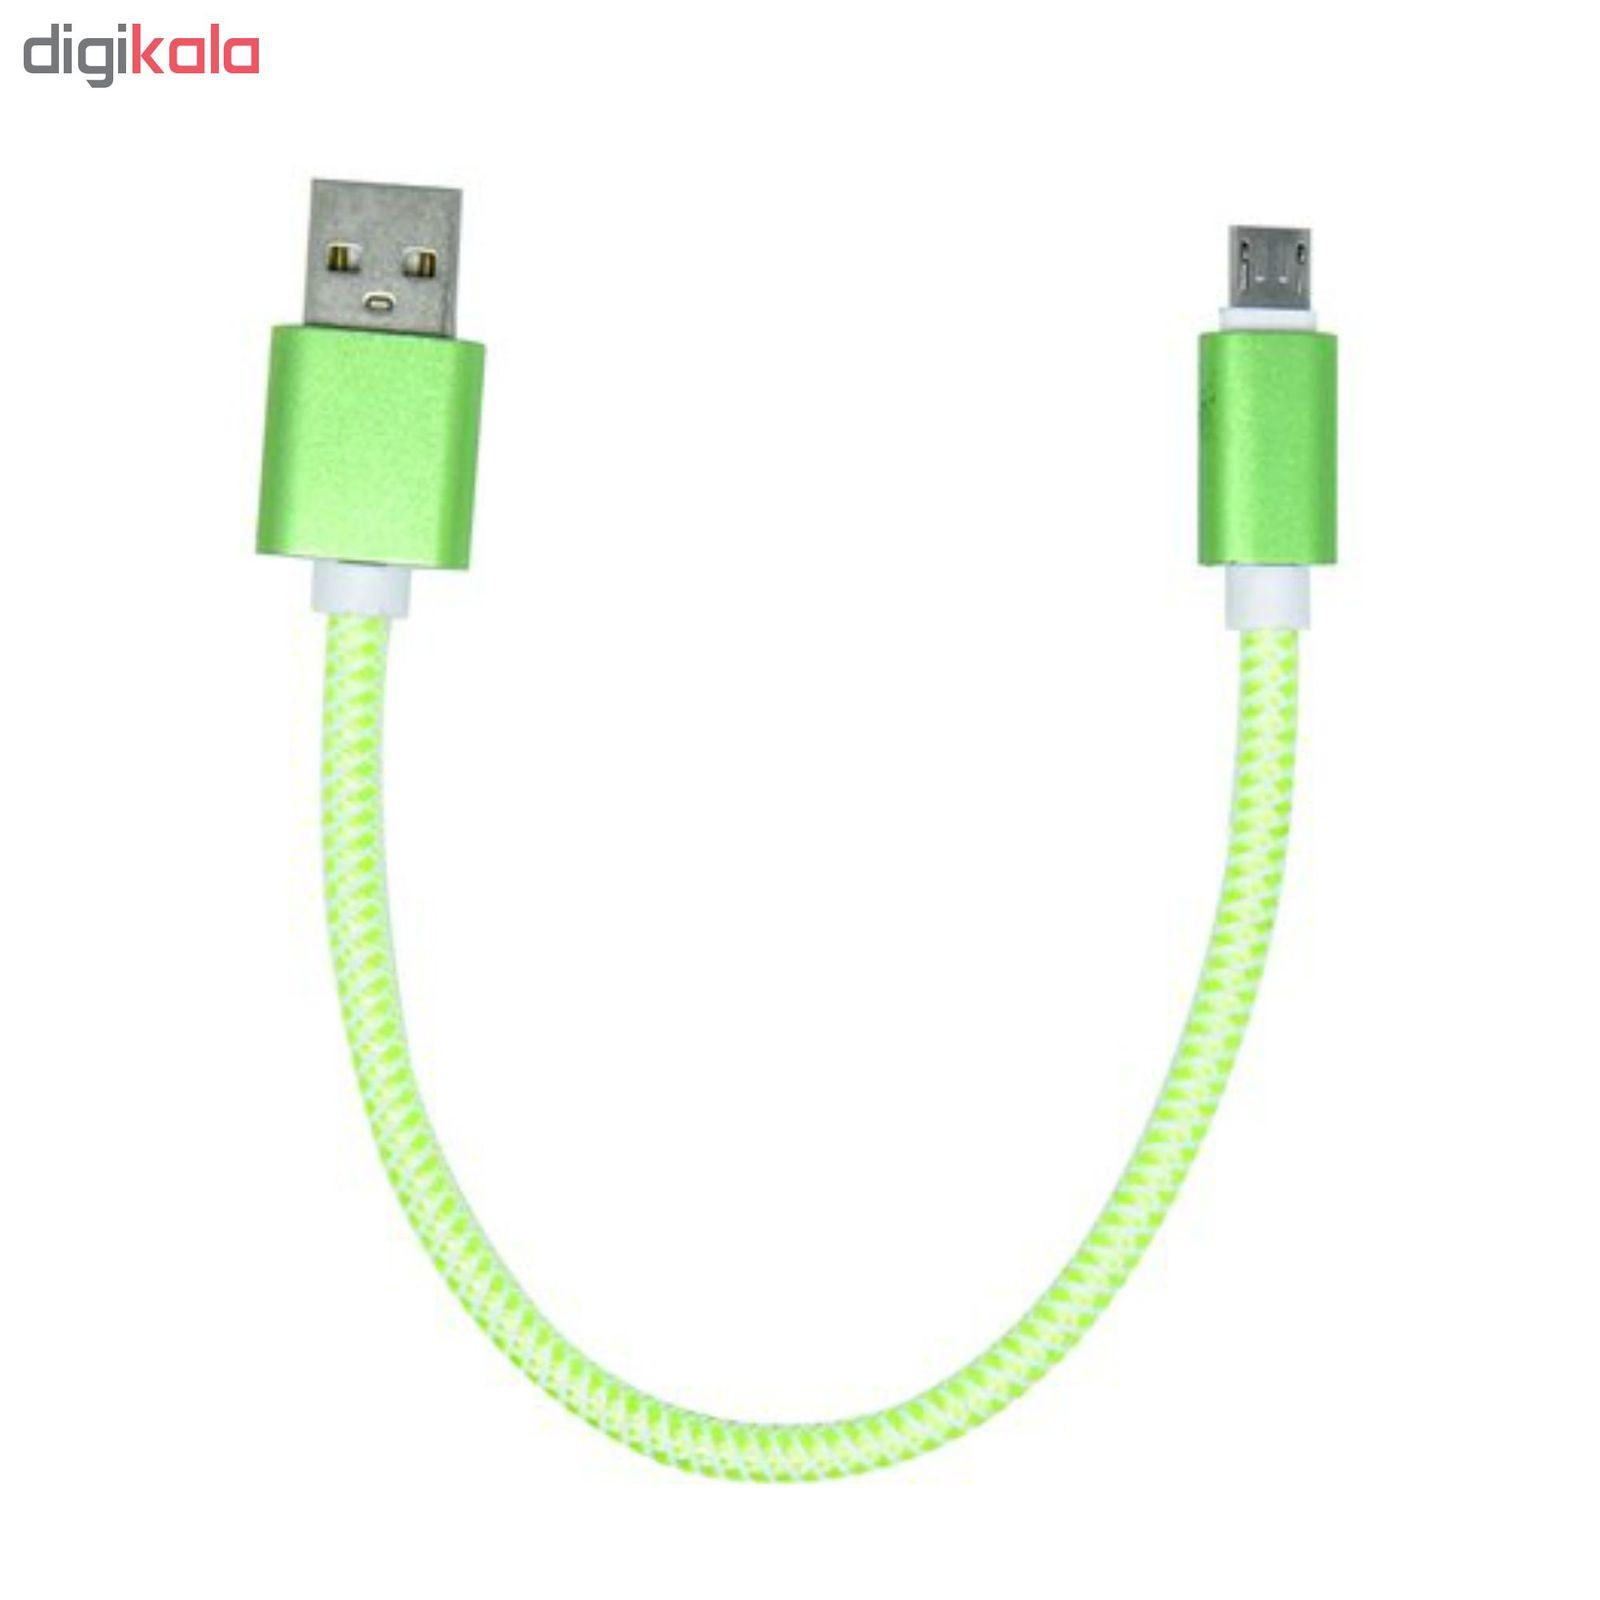 کابل تبدیل USB به microUSB تسکو مدل TC 51N طول 0.2 متر main 1 1